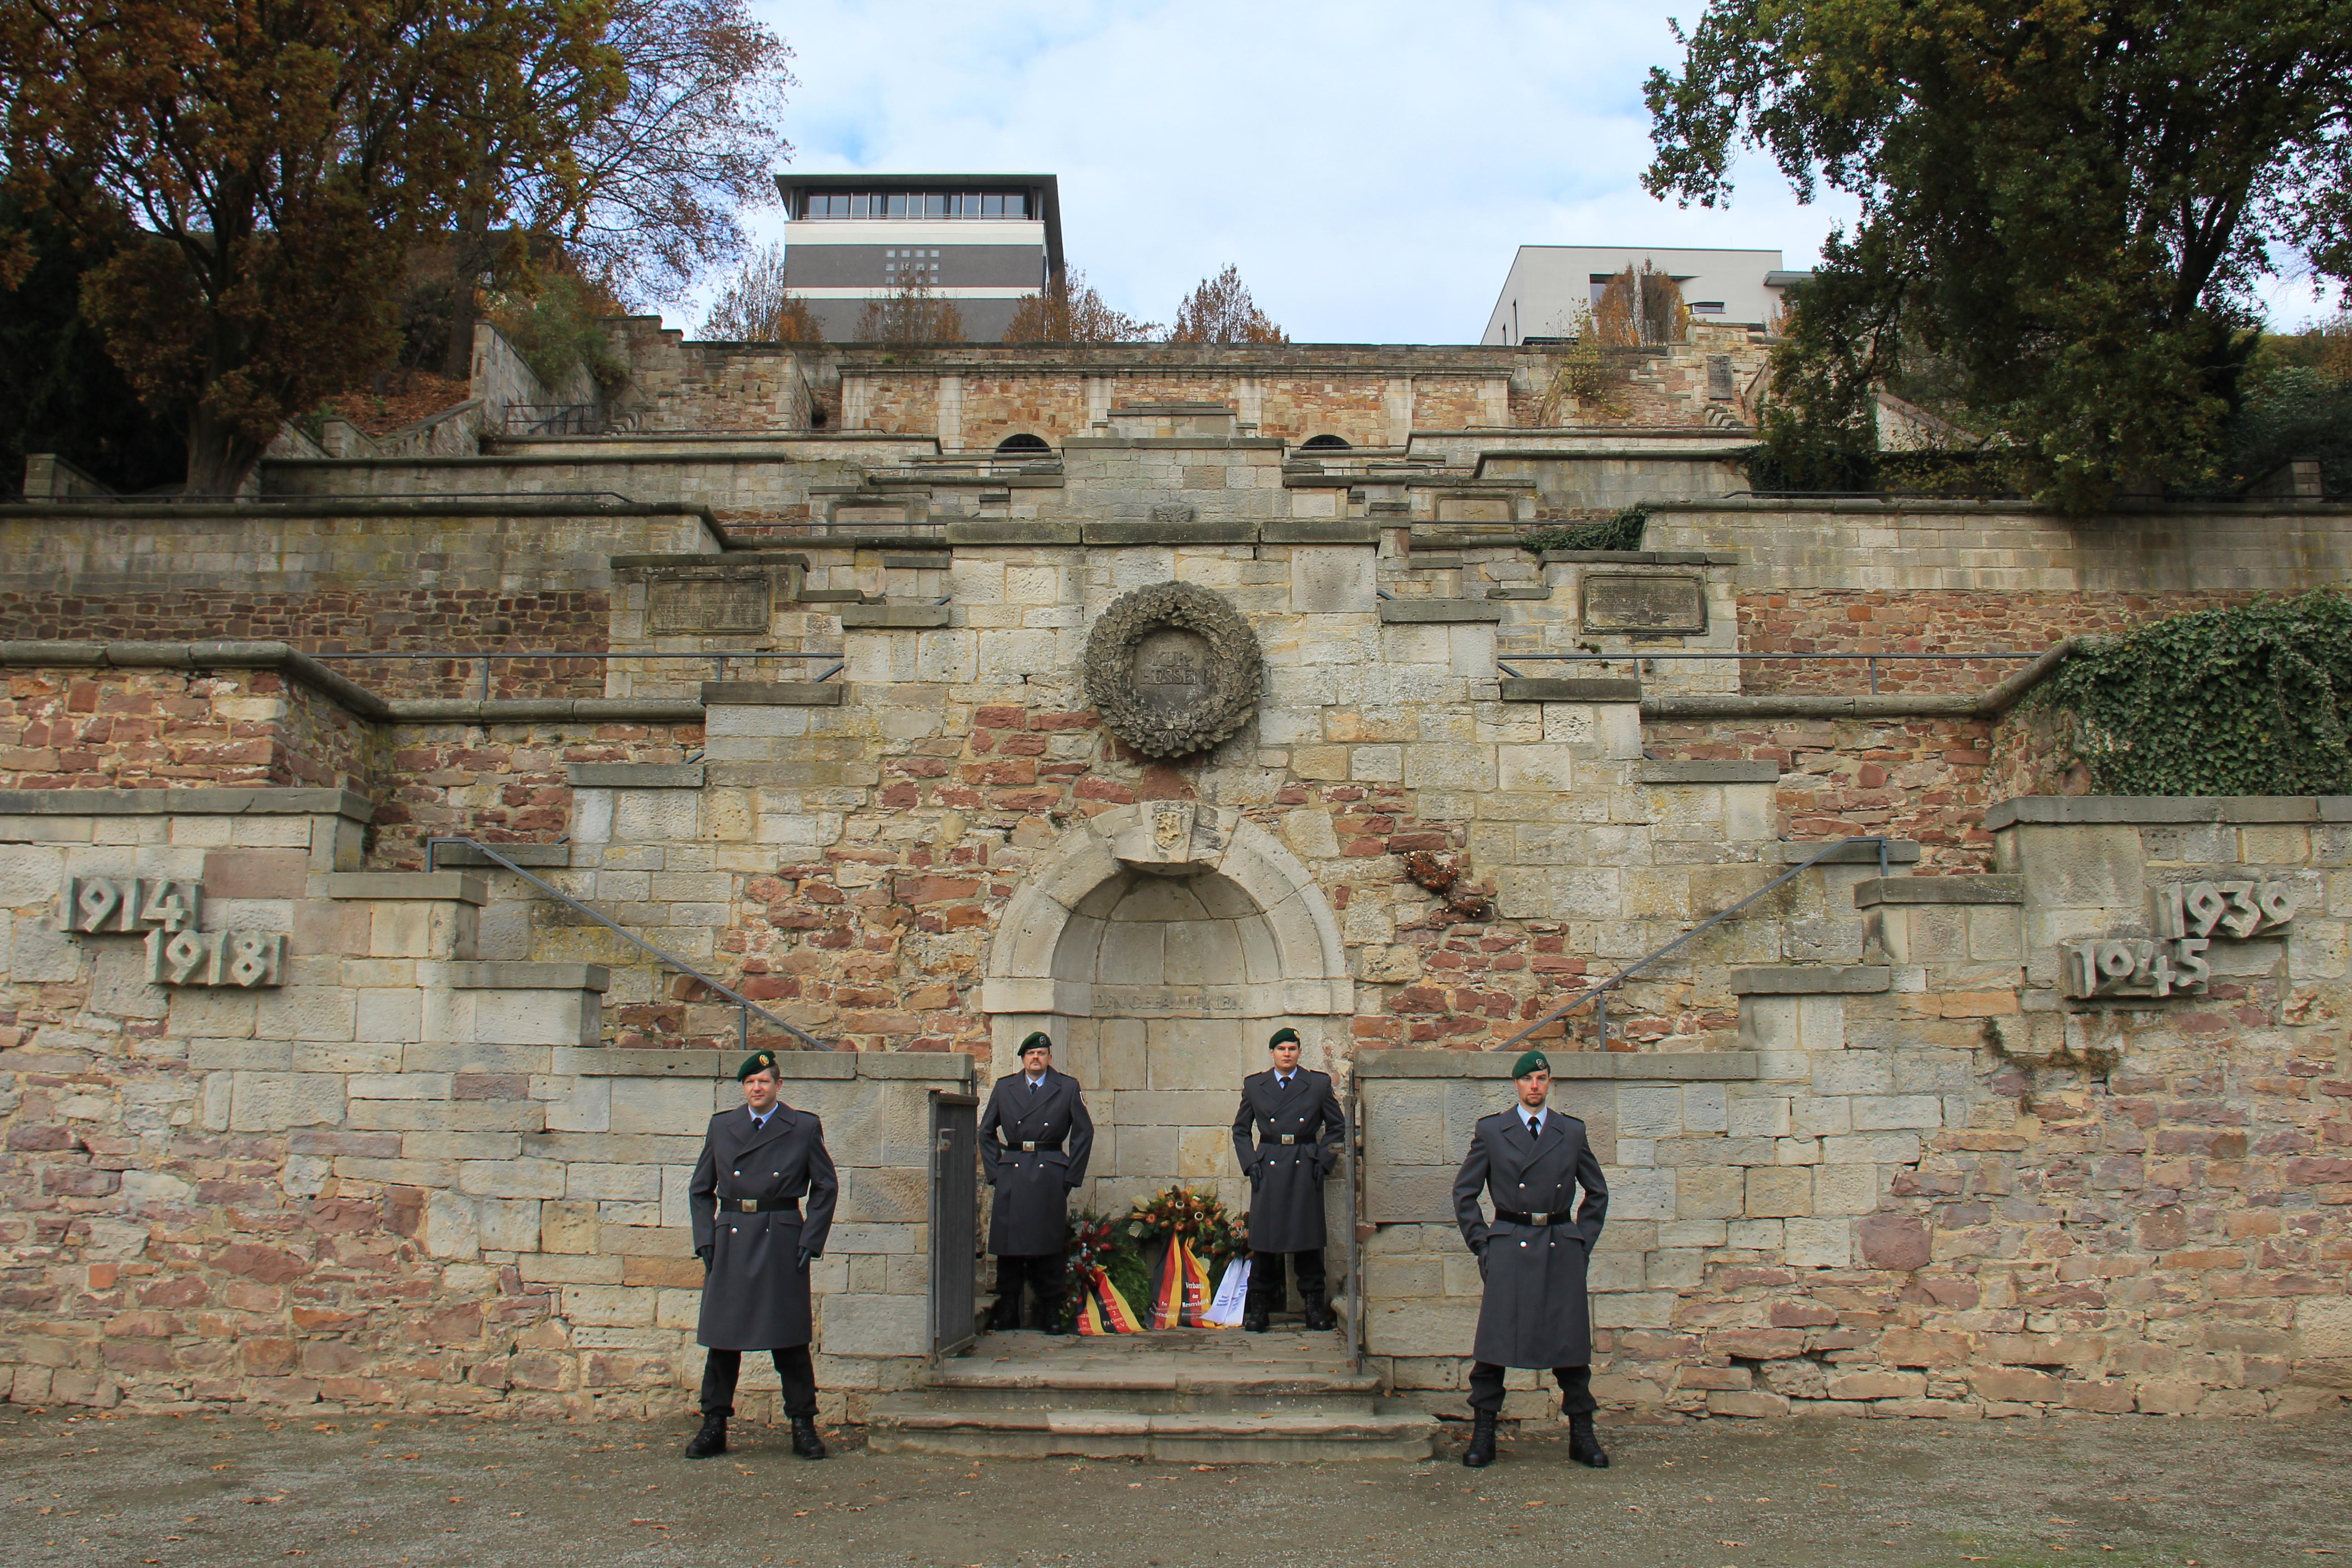 Das Ehrenmal in Kassel